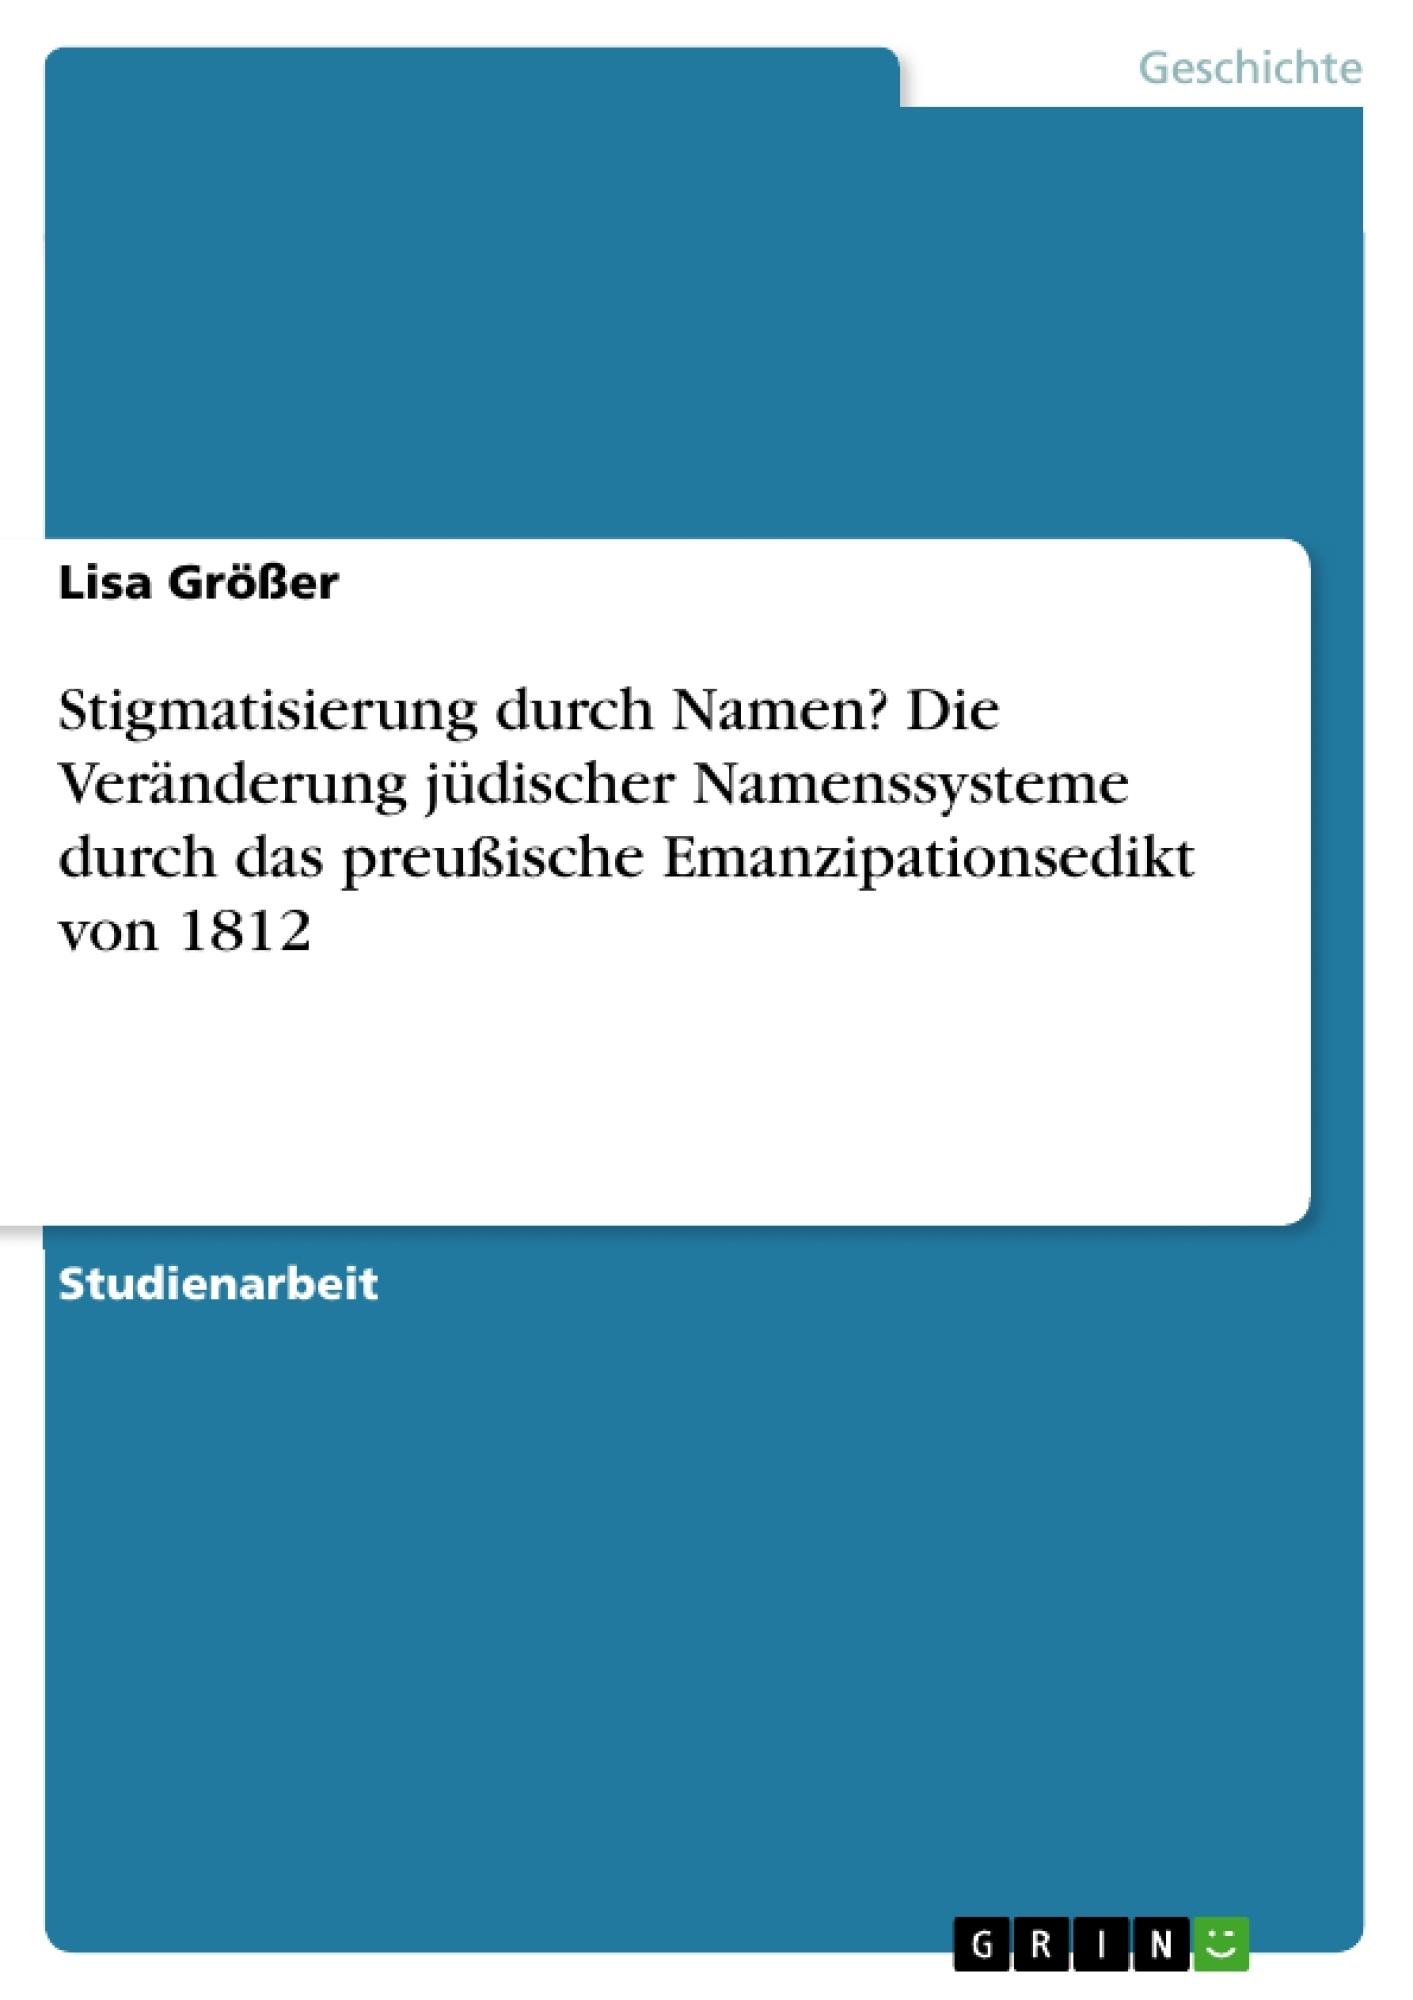 Titel: Stigmatisierung durch Namen? Die Veränderung jüdischer Namenssysteme durch das preußische Emanzipationsedikt von 1812